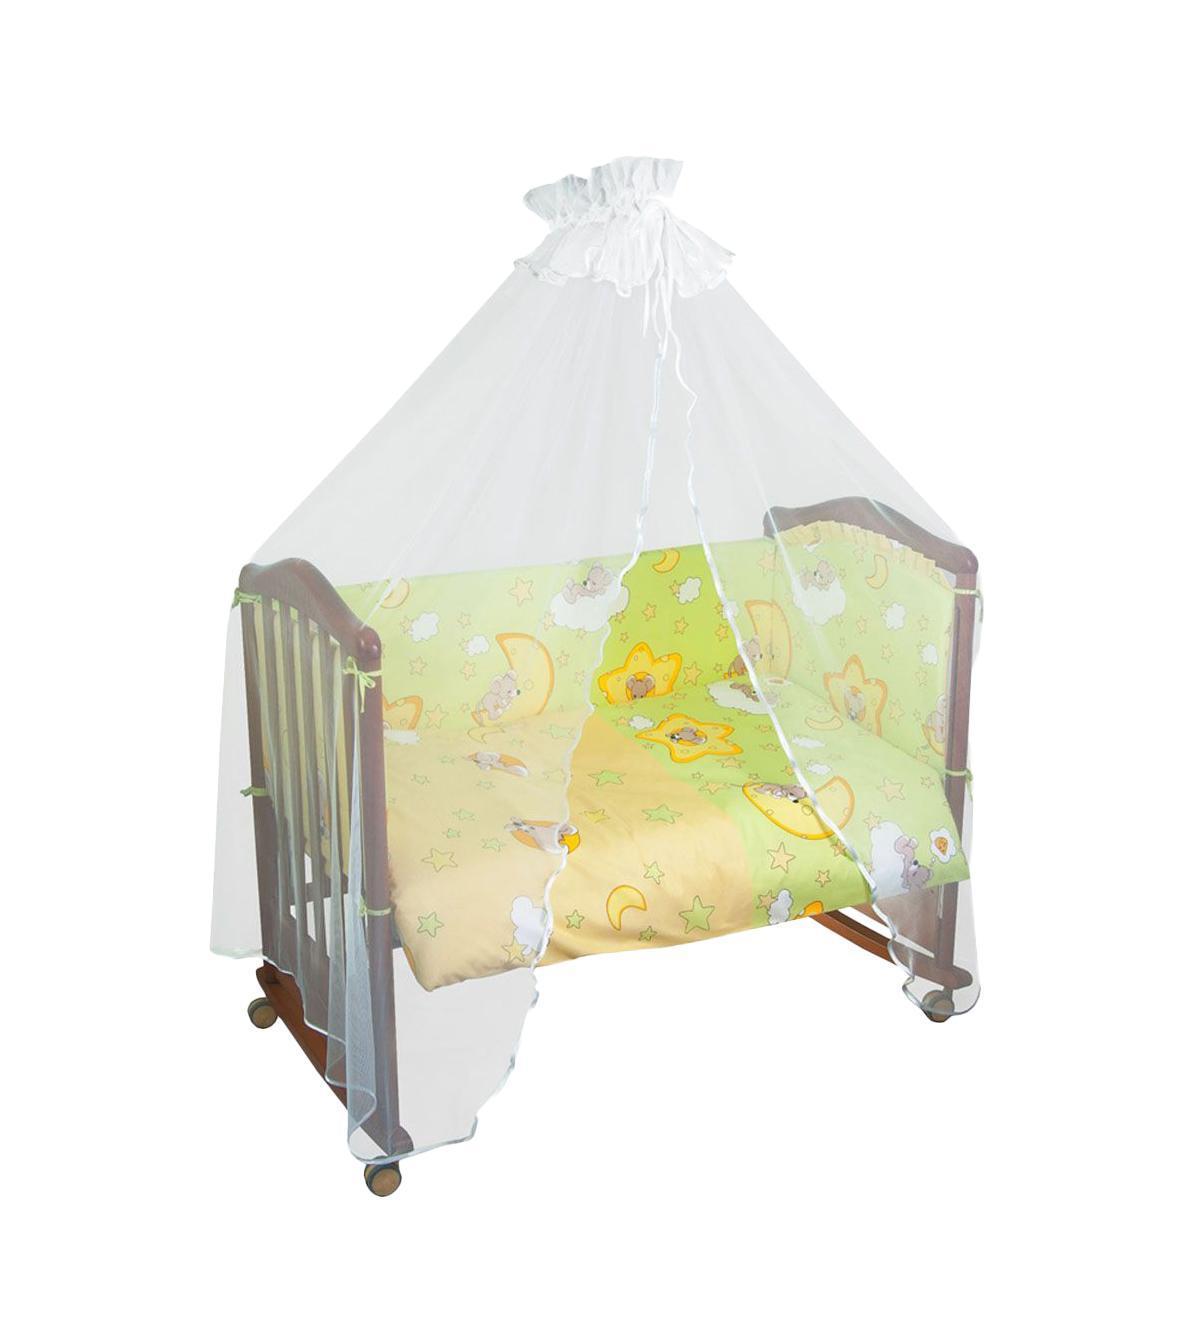 Комплект 3 предмета Сыроежкины сны салатовый постельный сет 7 предметов тайна снов сыроежкины сны салатовый